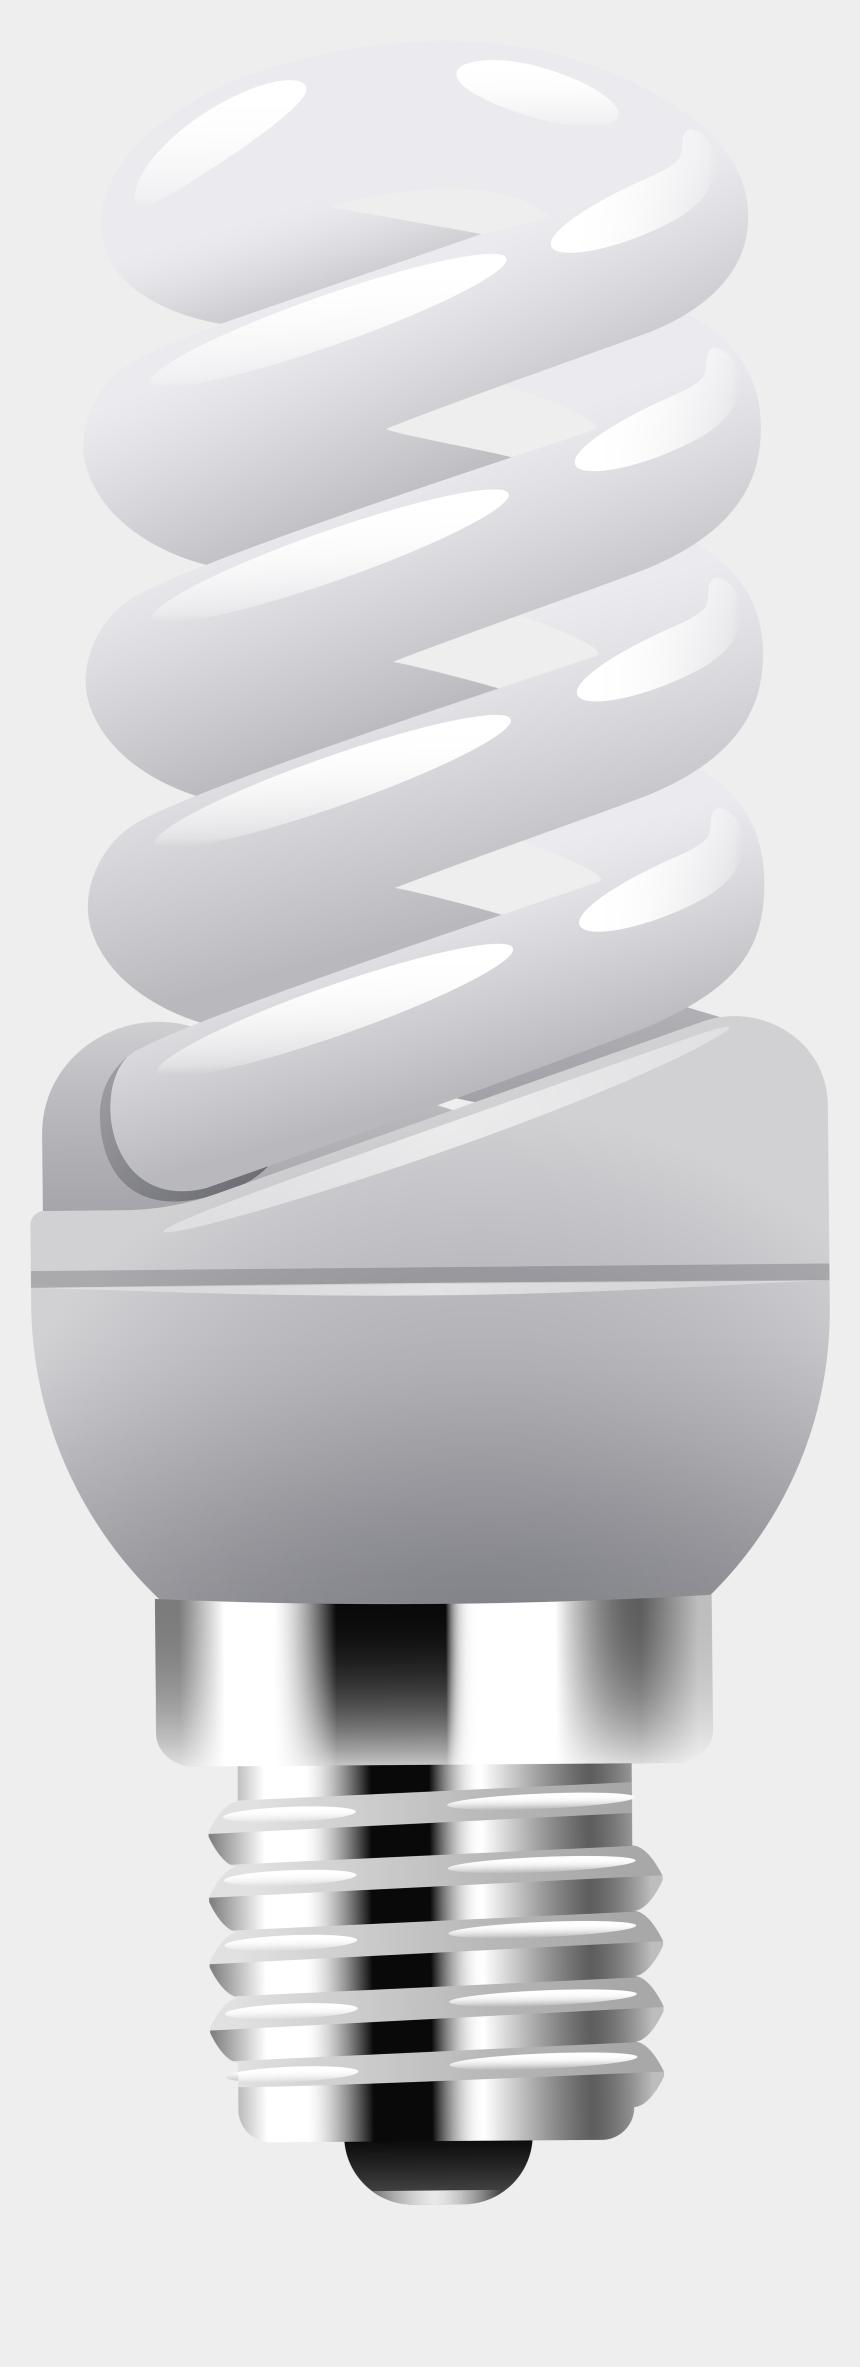 light bulbs clipart, Cartoons - Energy Saving Bulb Png Clip Art - Coffee Table